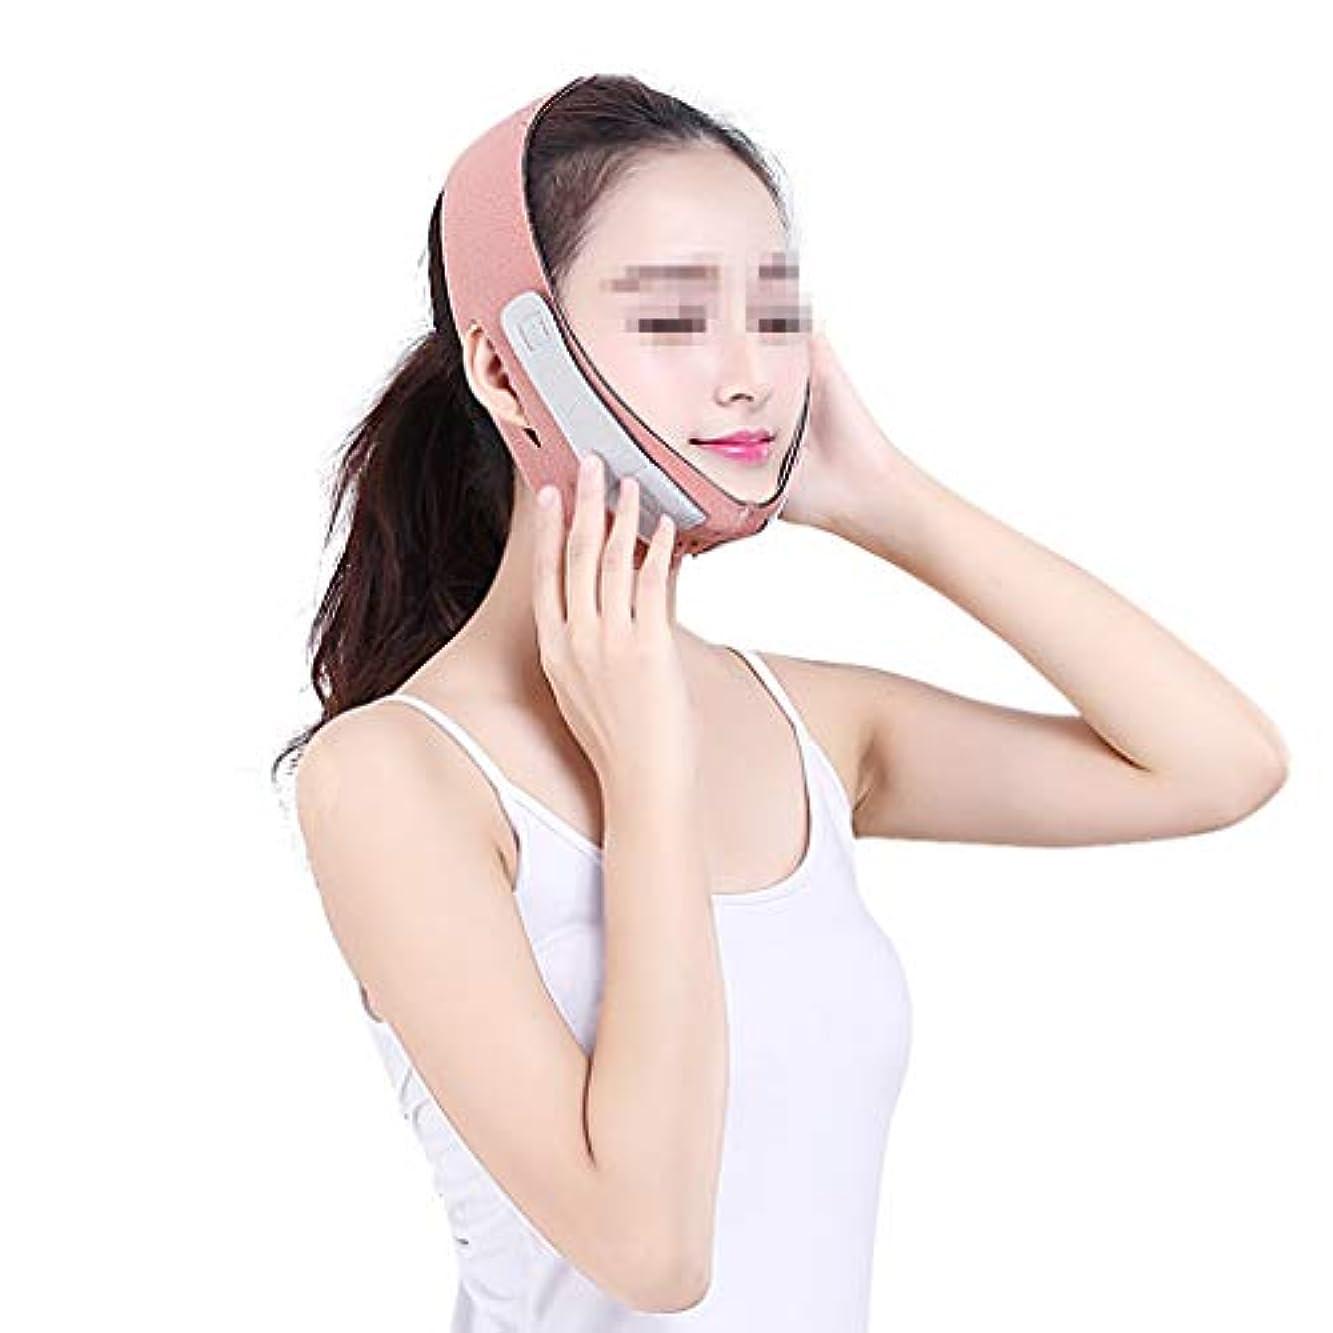 移行するピュービルダー顔の持ち上がる睡眠のV顔の包帯、マスクの顔の顔のマッサージャーのあごの顔の持ち上がる顔の持ち上がる顔の持ち上がる機械